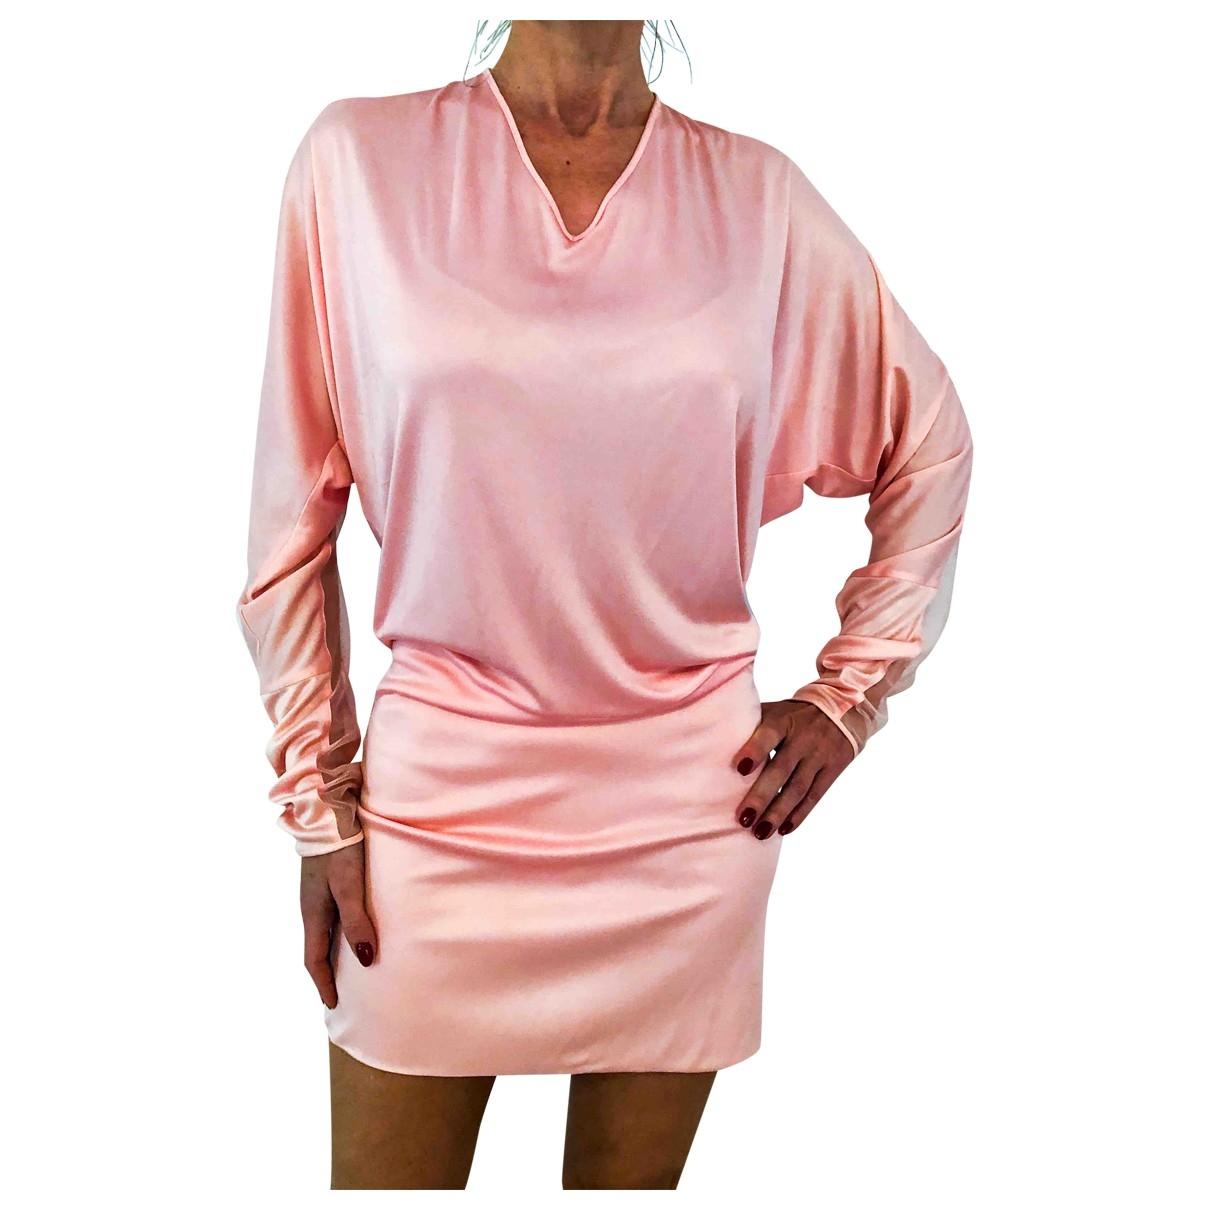 La Perla \N Pink dress for Women S International